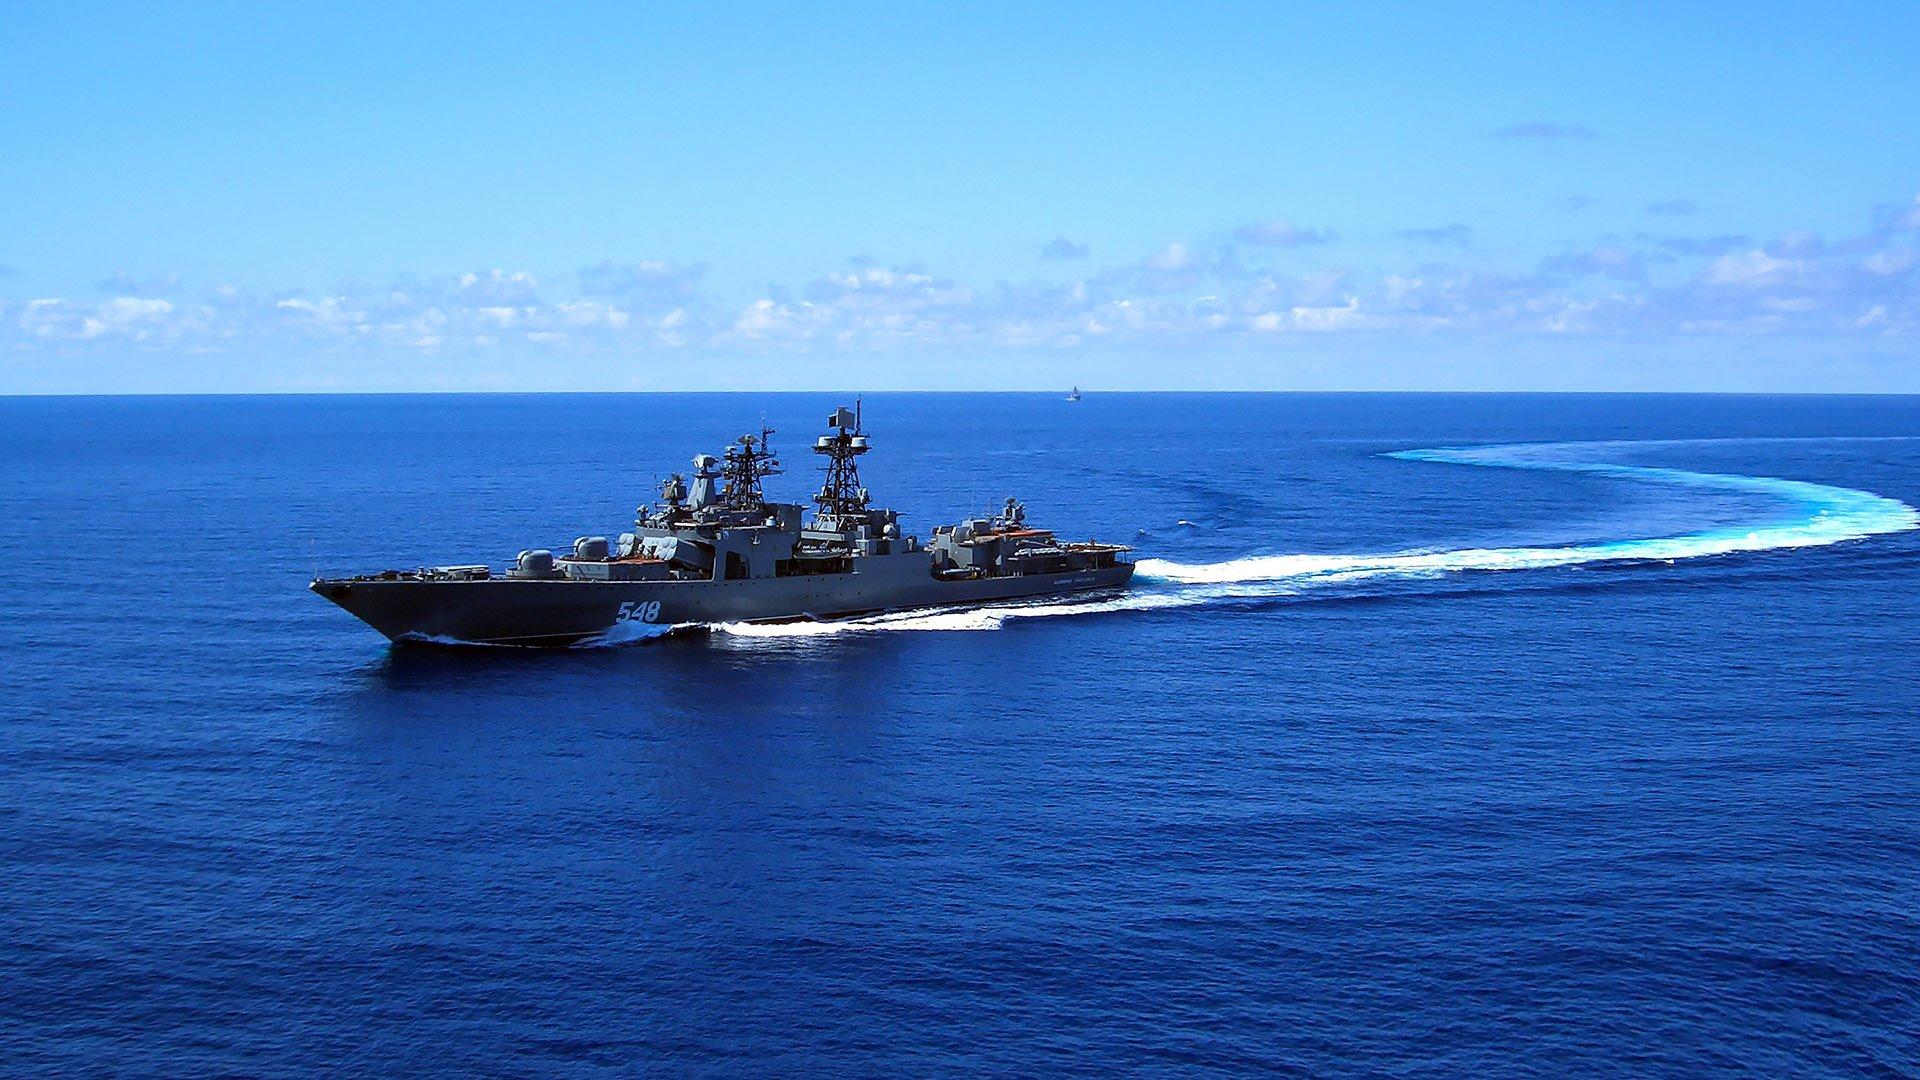 морские военные корабли картинки галерея